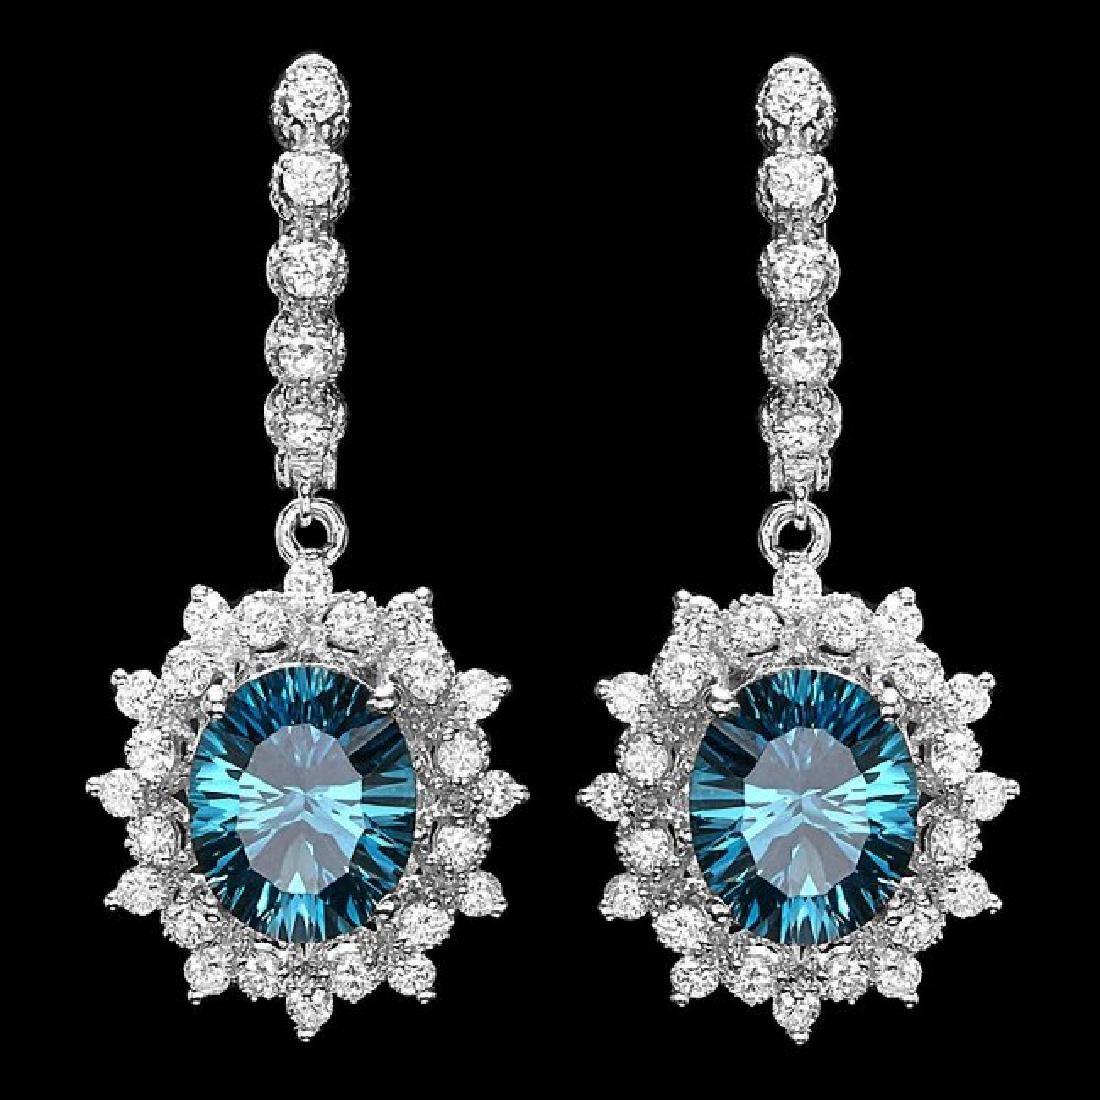 14k White Gold 8ct Topaz 1.80ct Diamond Earrings